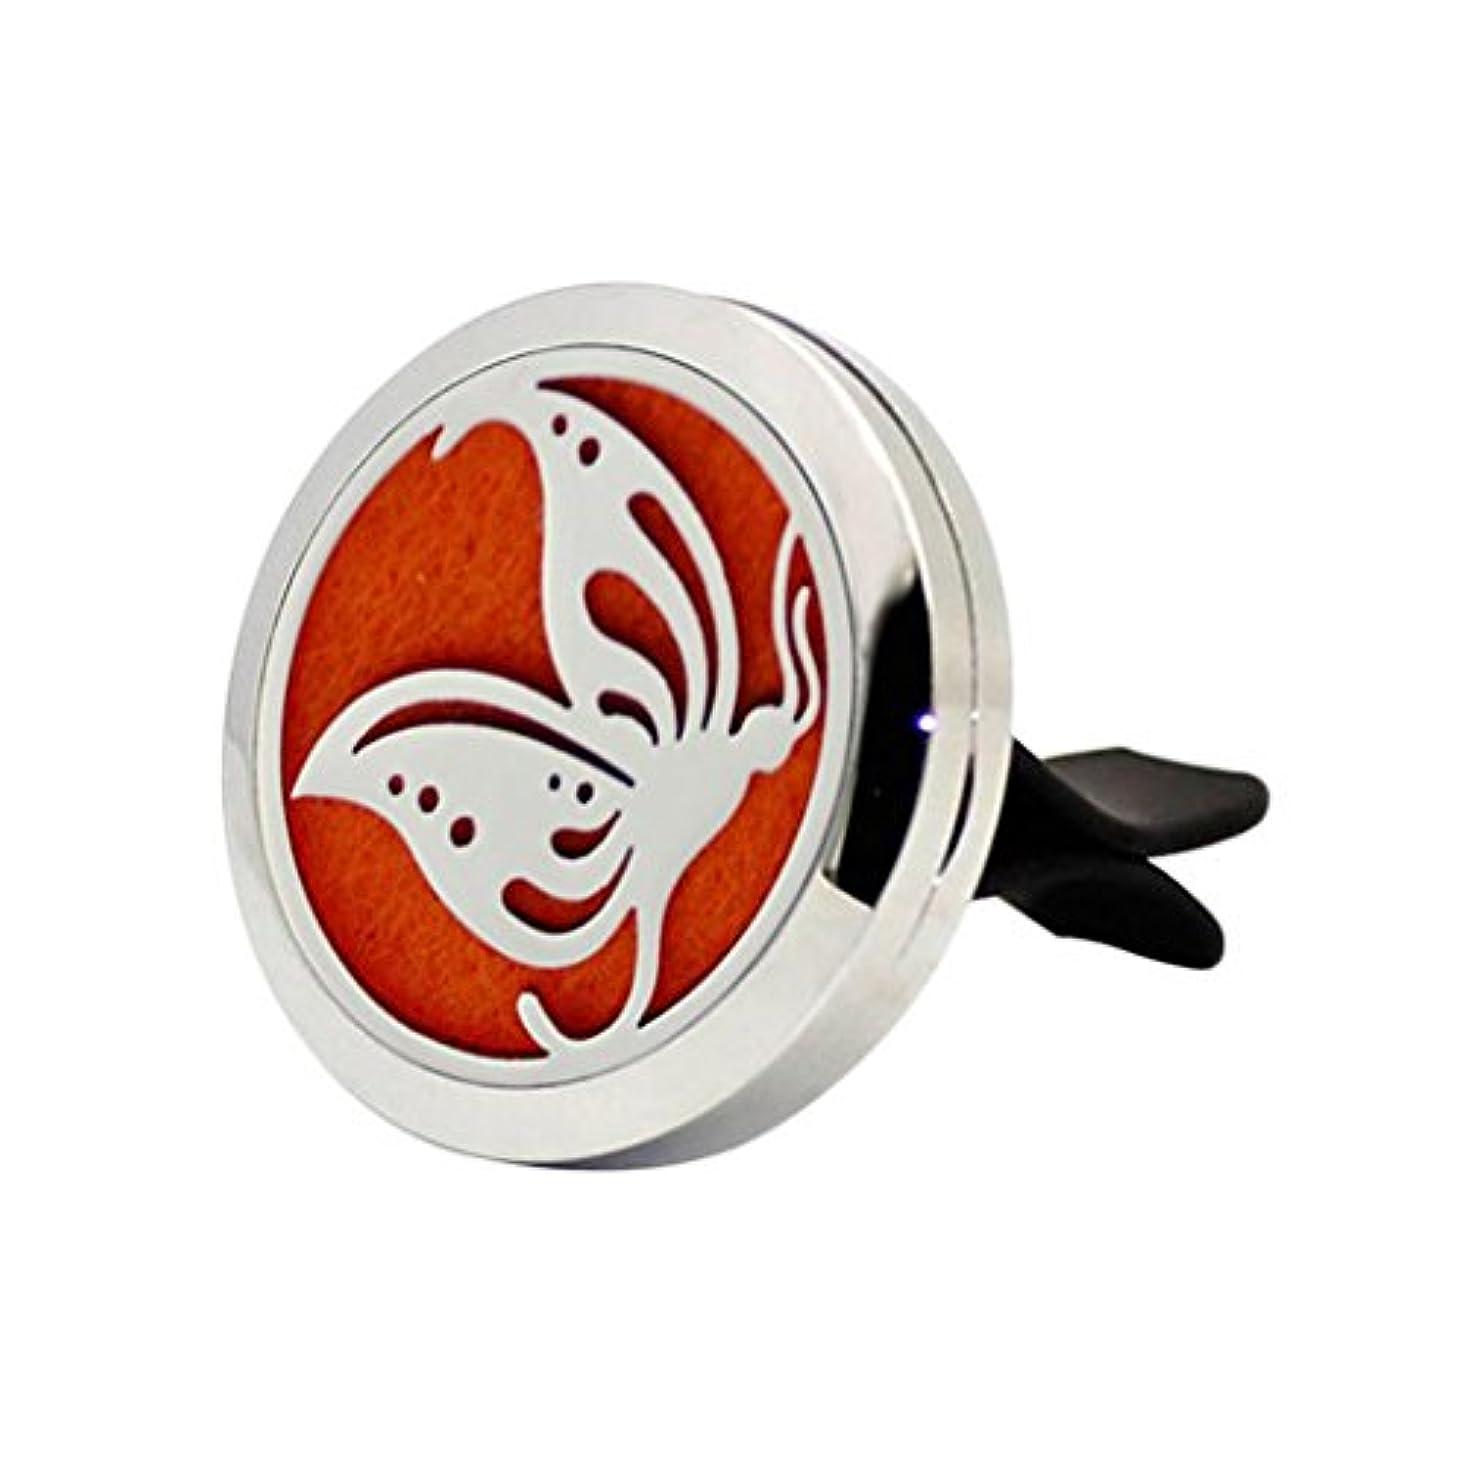 プット着飾るタンザニアcoohole新しいステンレス車自動Vent Air Freshener Mini Essential Oil Diffuser Giftロケット自動車装飾